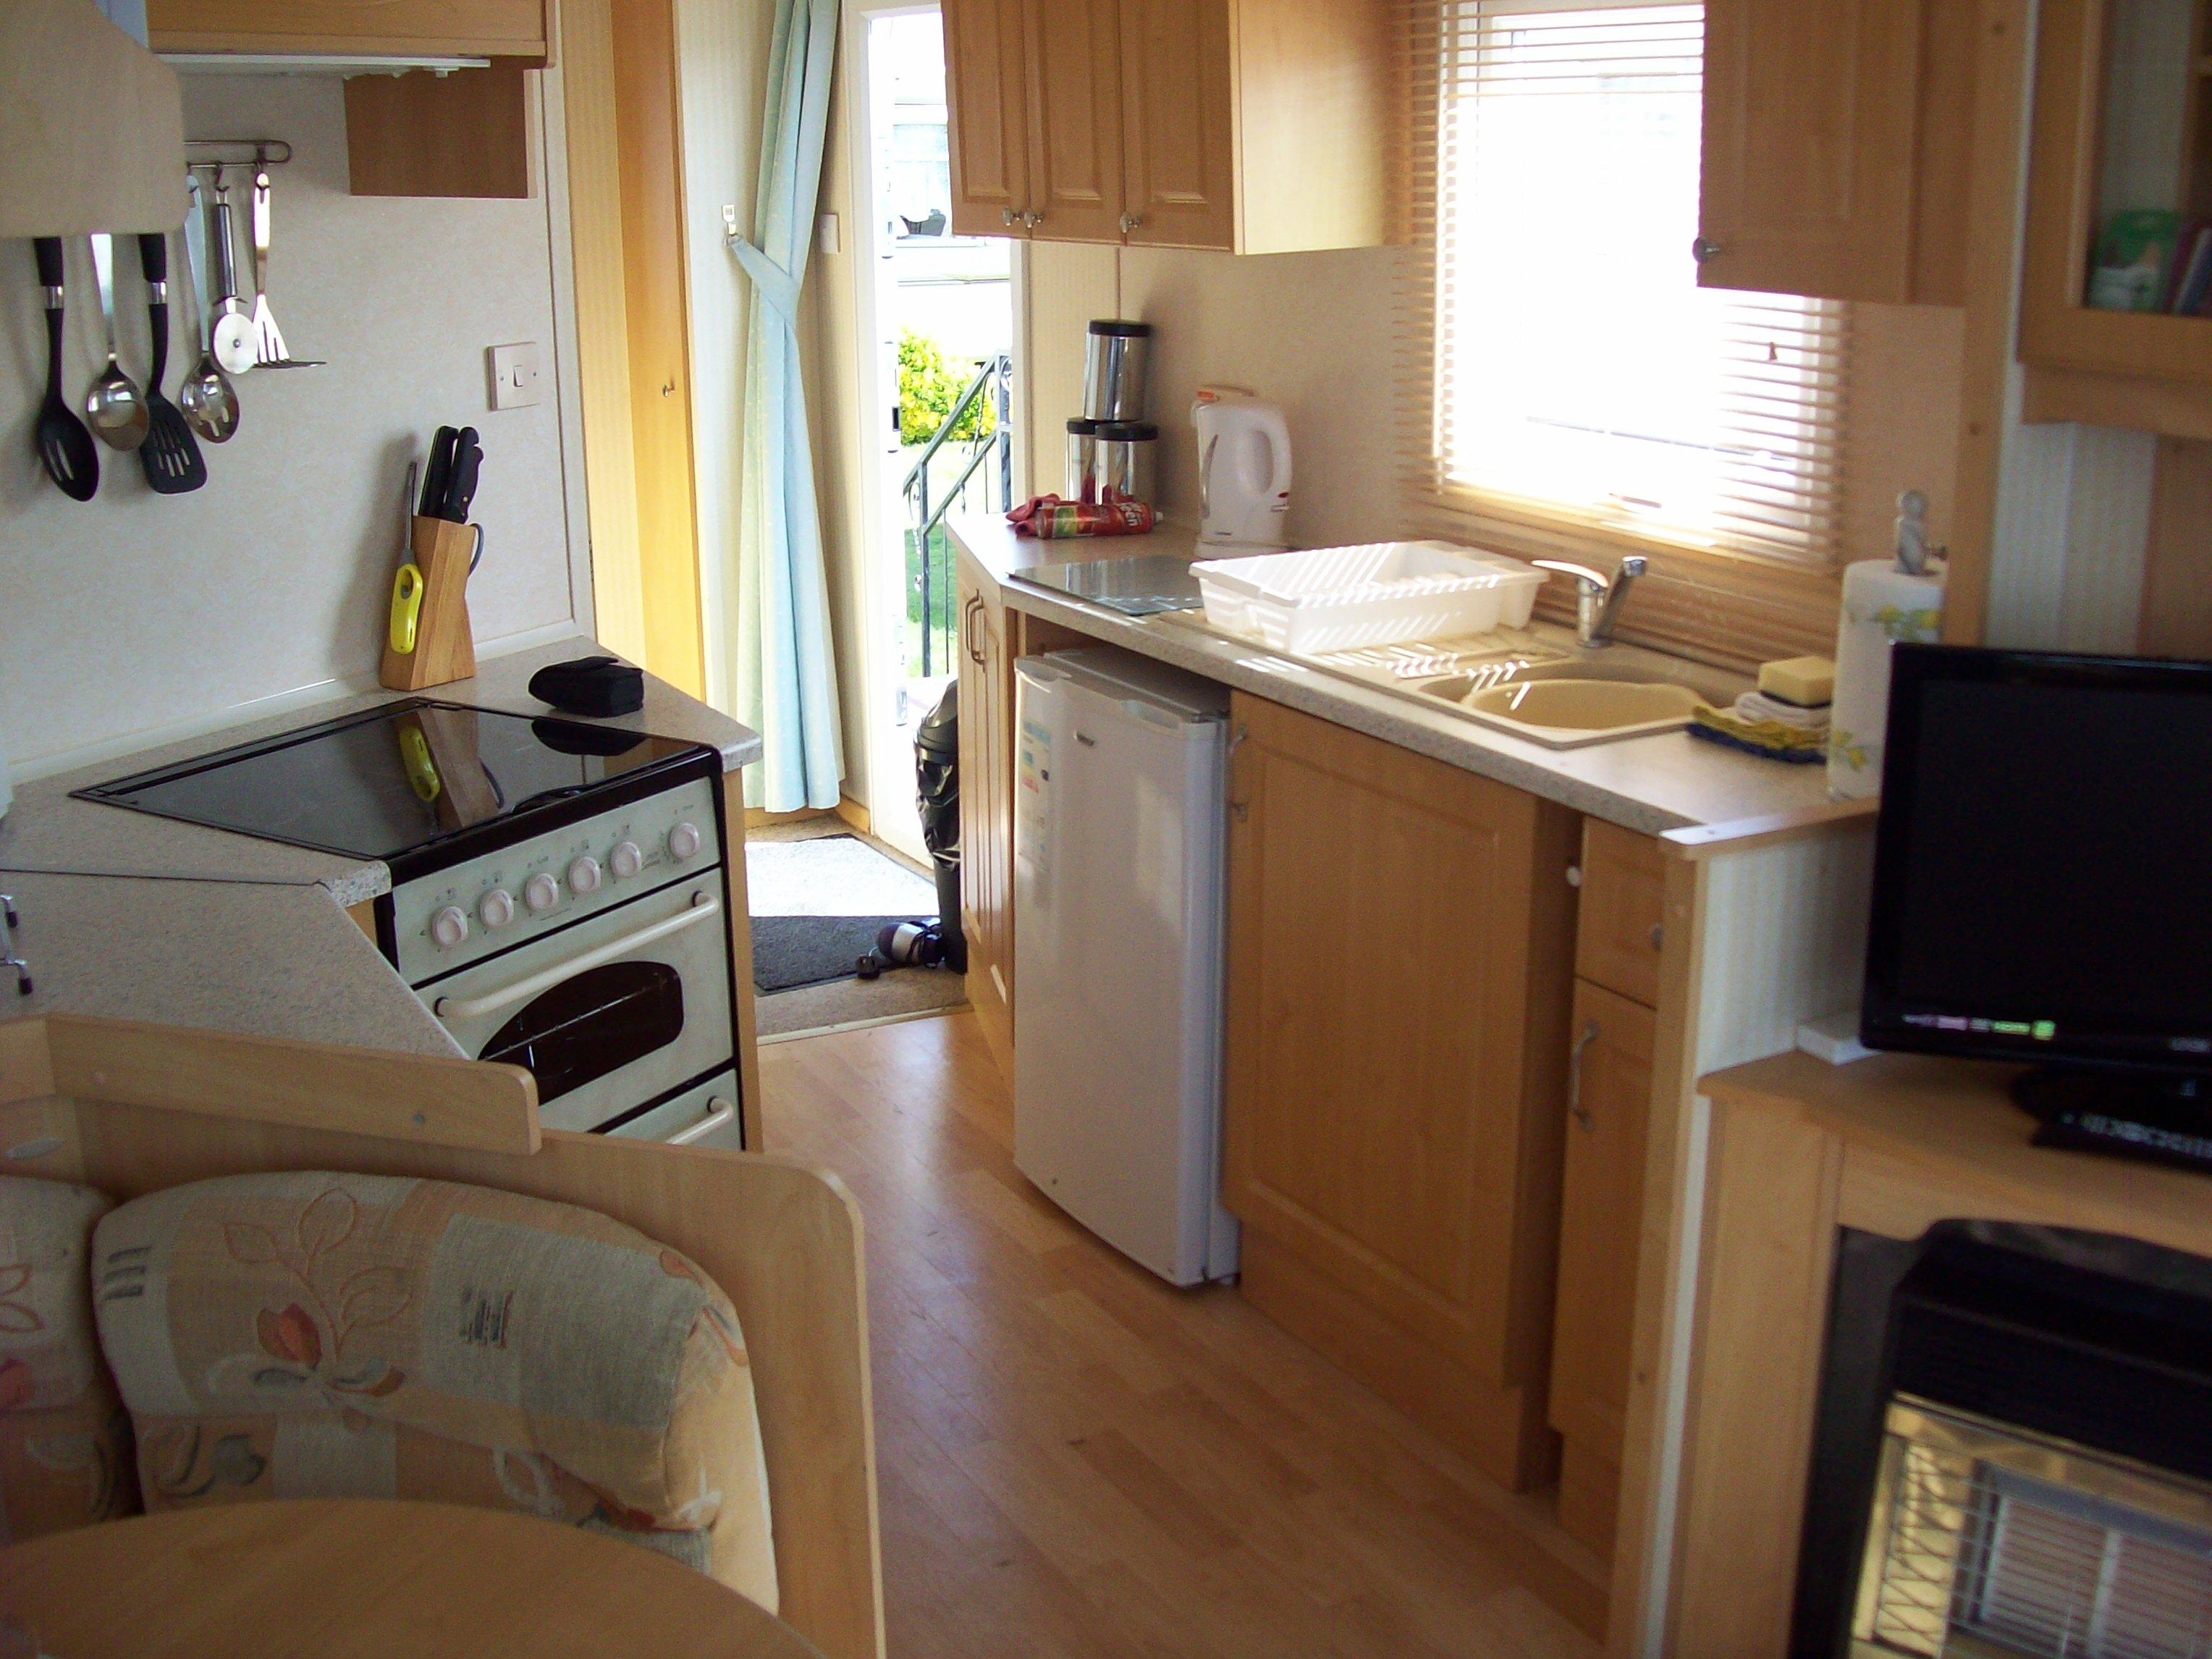 86 Kitchen